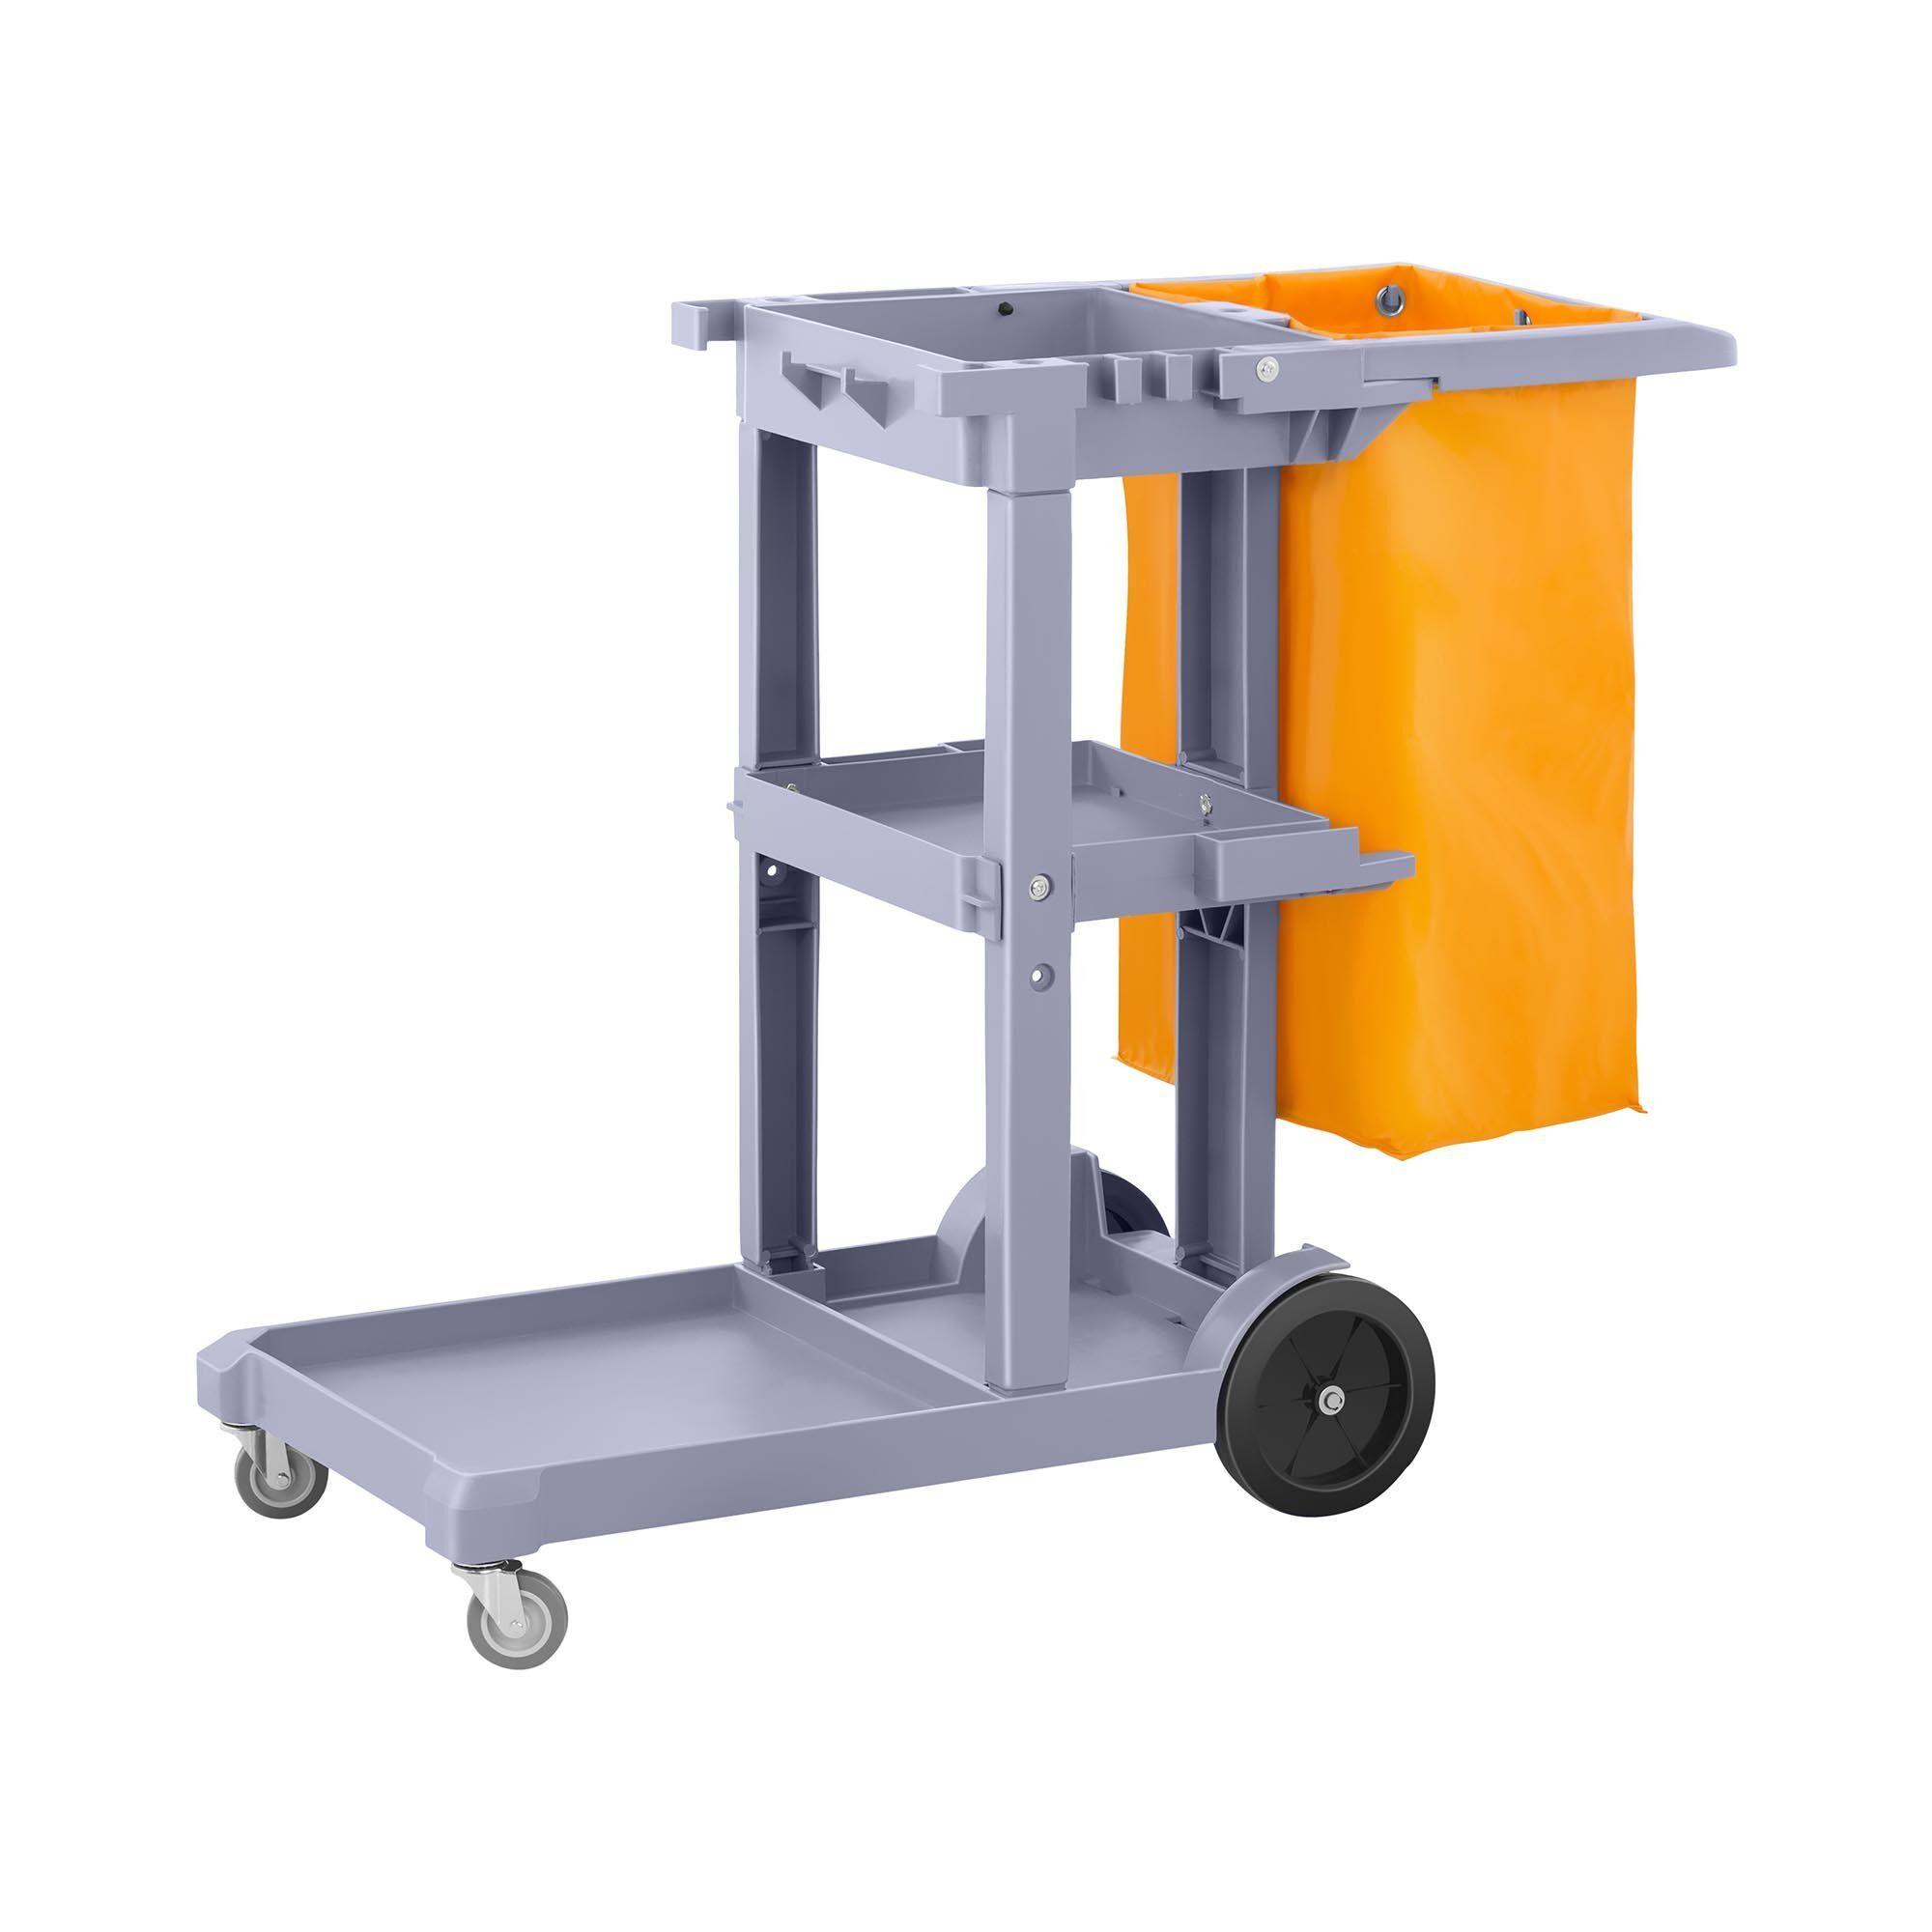 ulsonix carrello multiuso per pulizie con sacco per biancheria uniclean 5